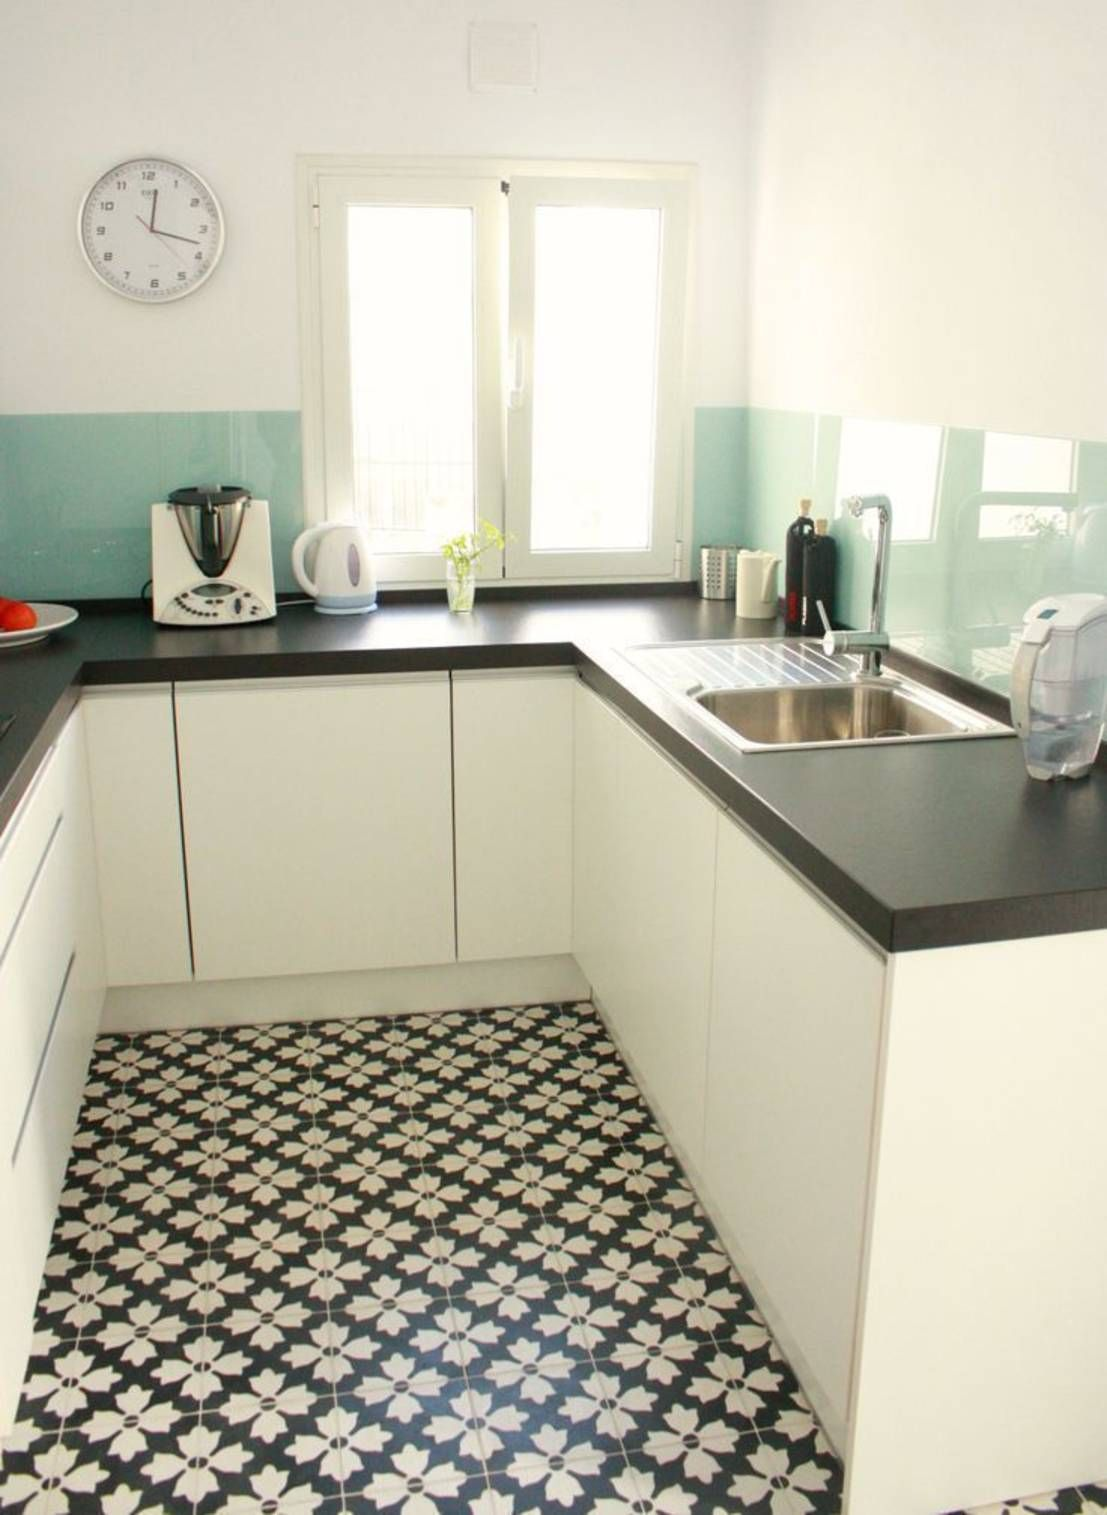 5 cocinas modernas peque as suelo cocinas cocinas - Suelos para cocinas modernas ...